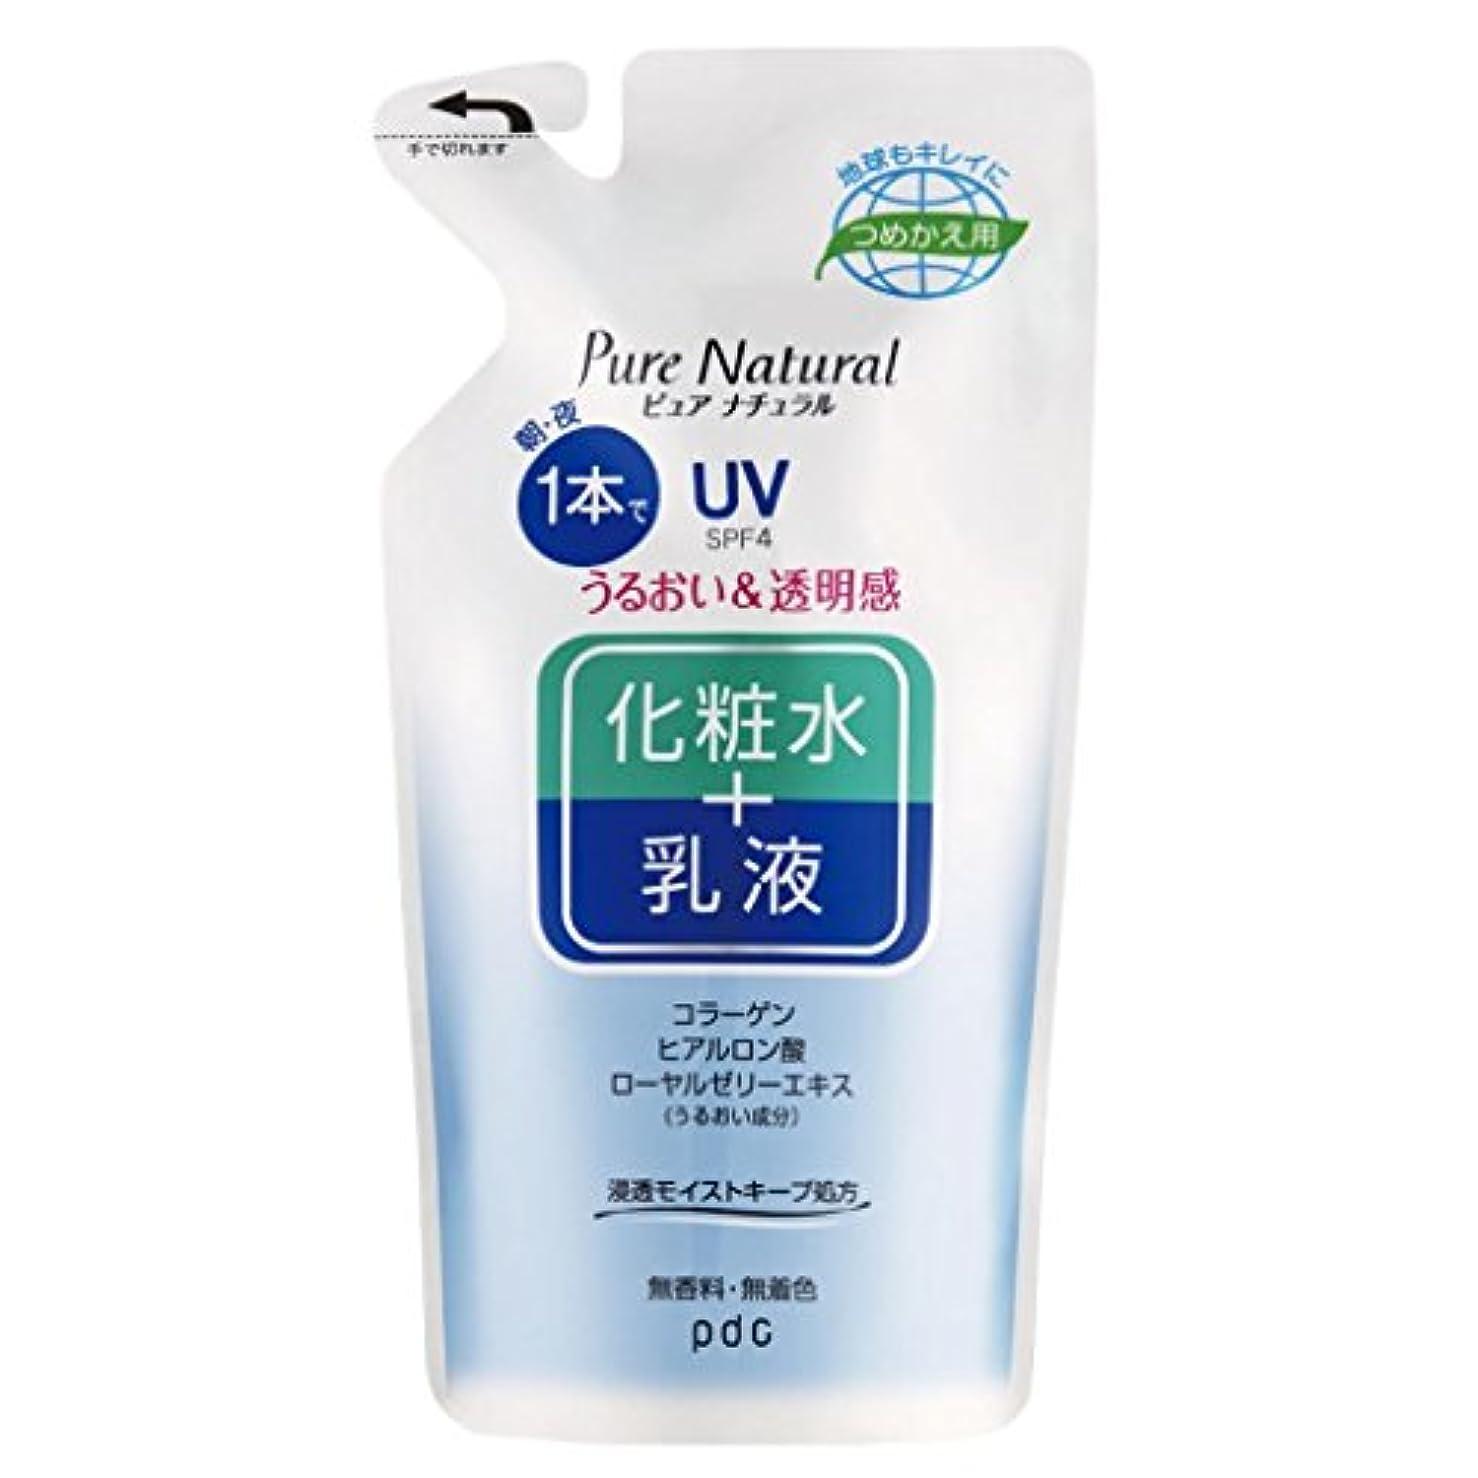 確執バンジョー同僚Pure NATURAL(ピュアナチュラル) エッセンスローション UV (つめかえ用) 200mL